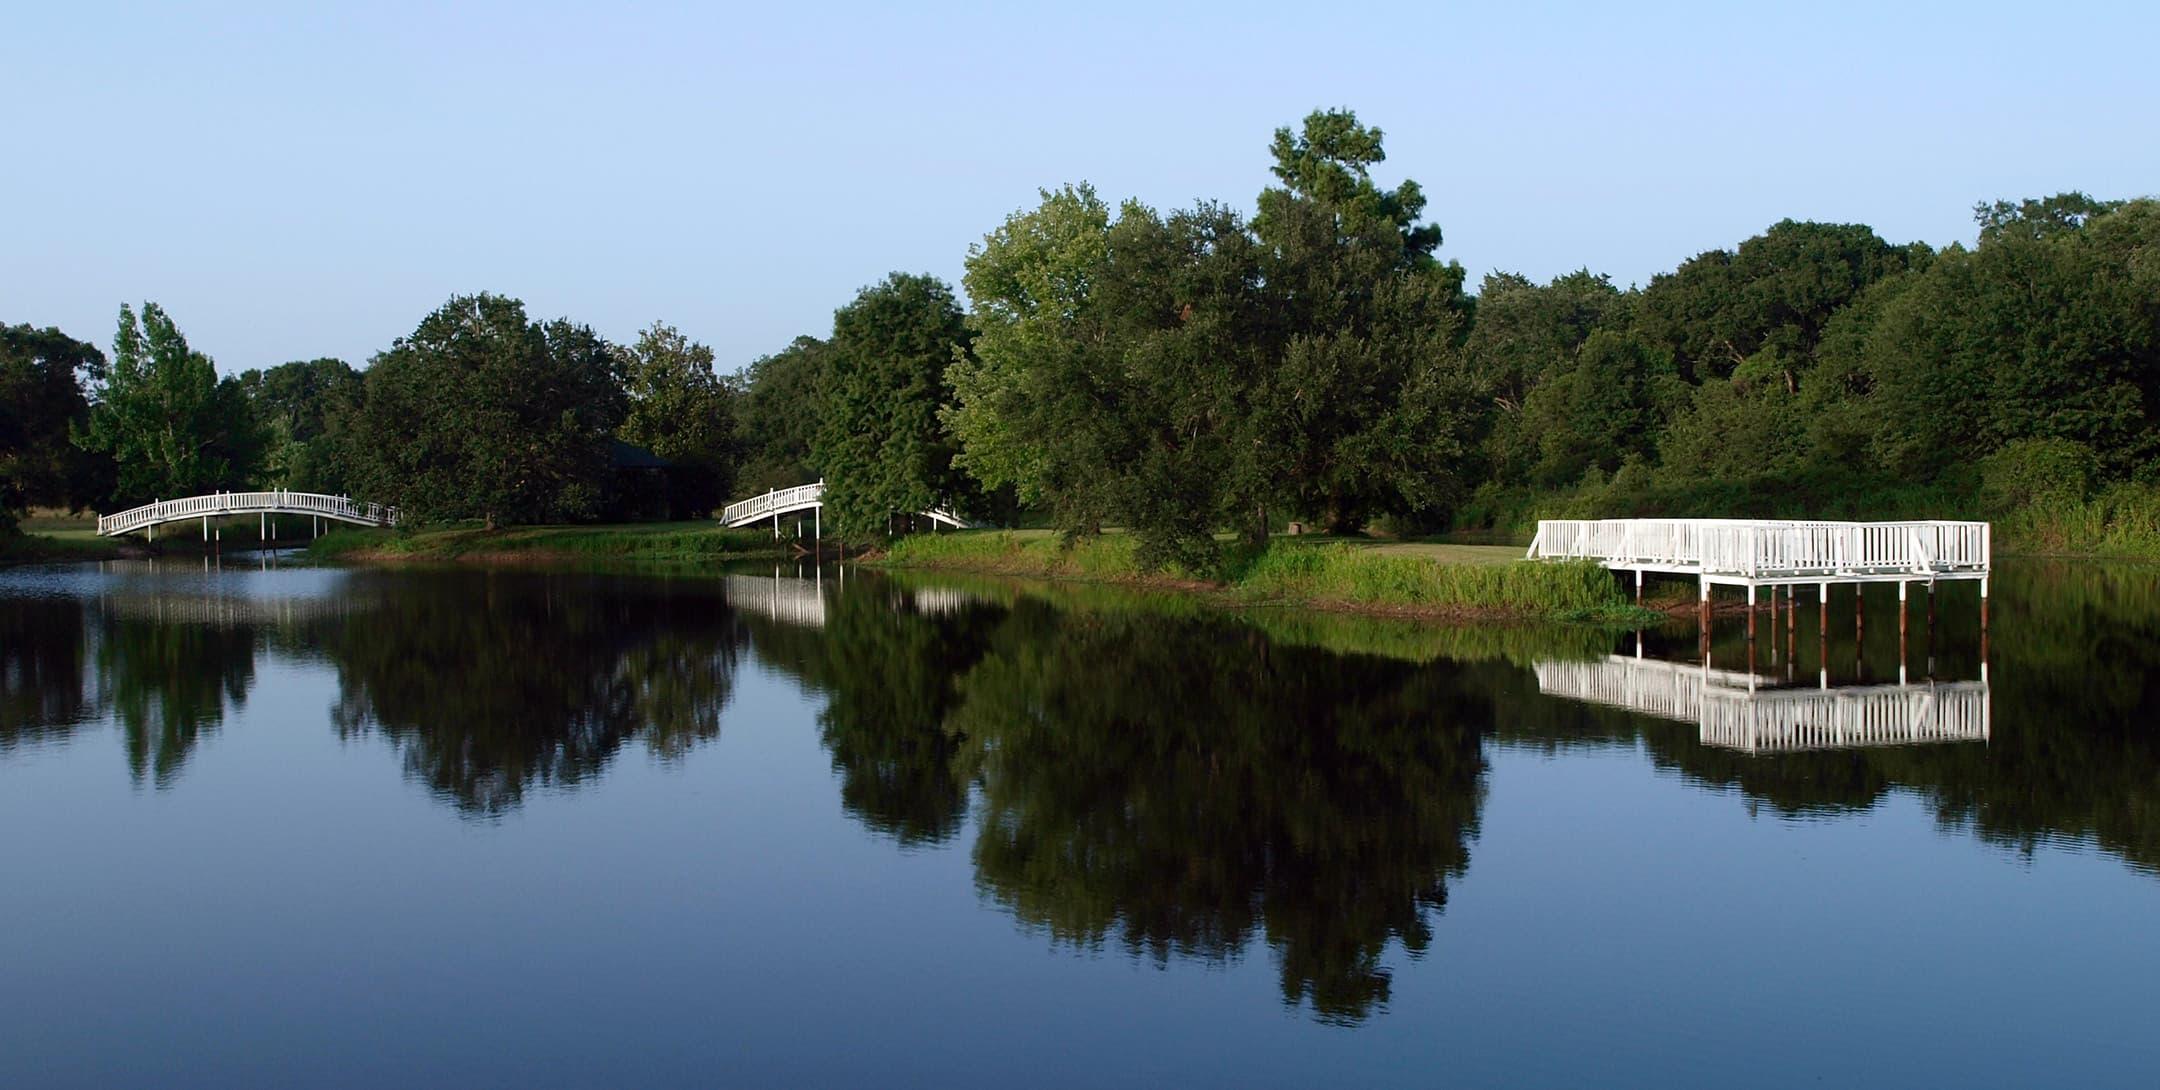 Bridges at the Enchanted Lake